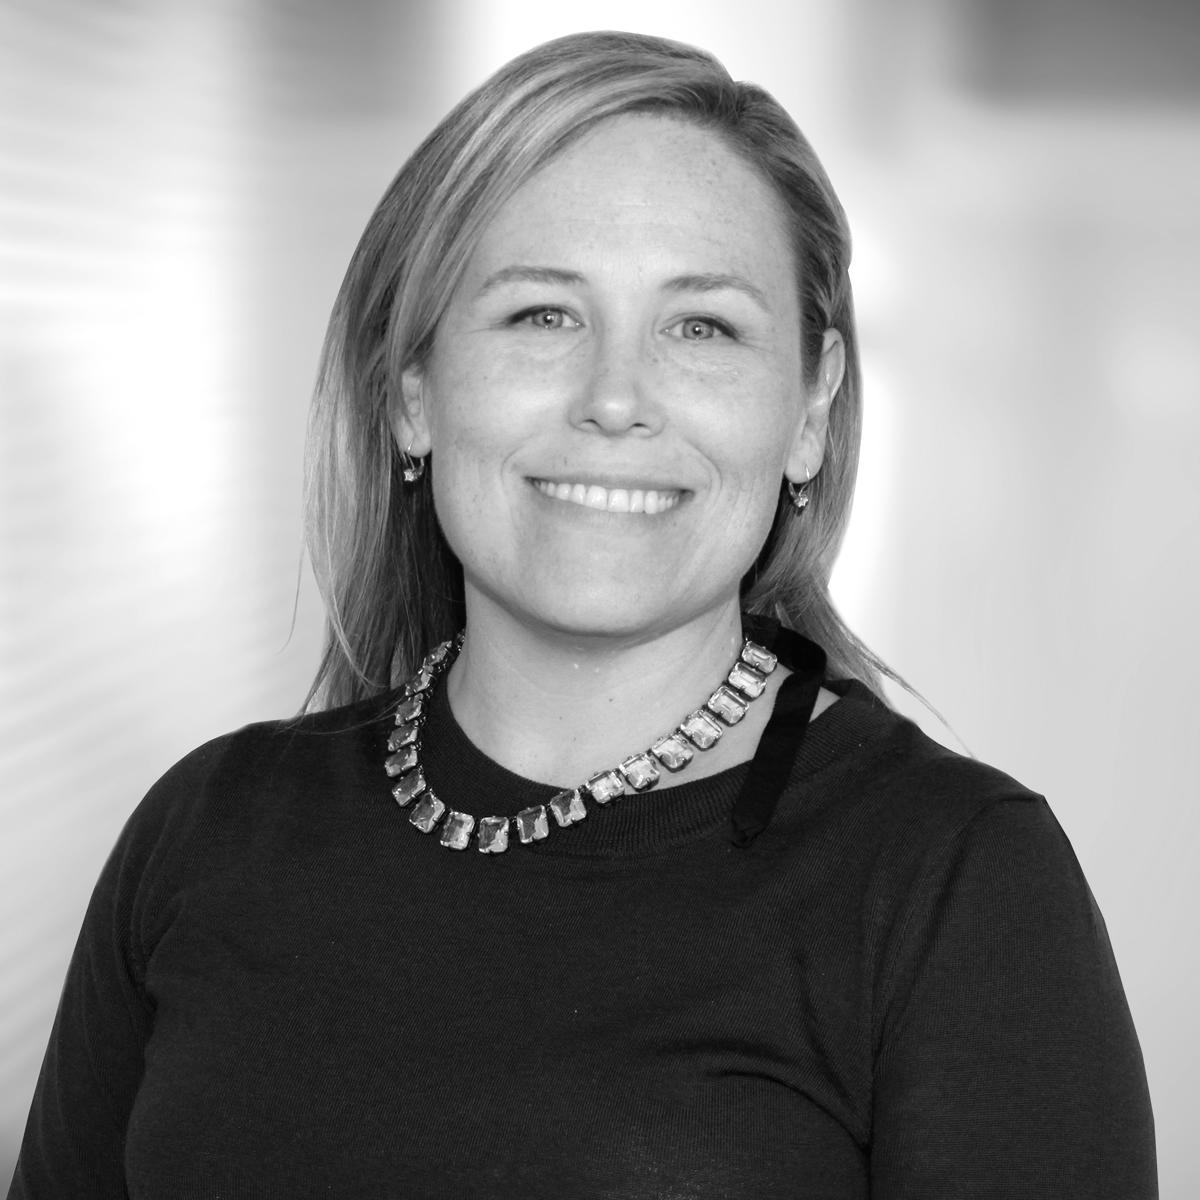 Melissa Koob, Vice President; Tetra Tech Inc.